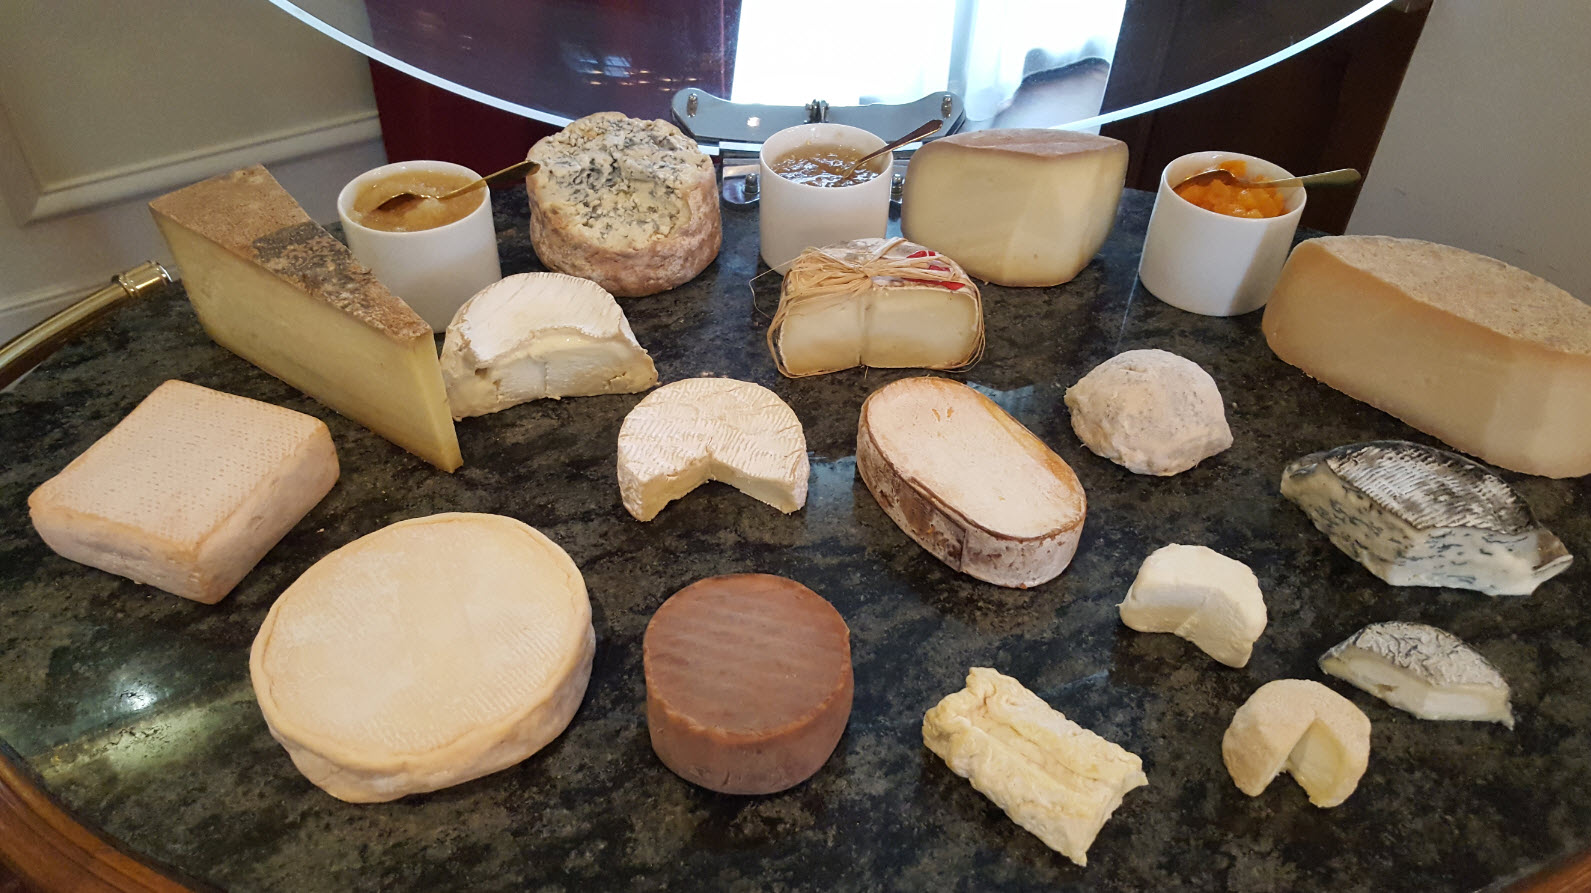 Plateau de fromage restaurant 2 etoiles michelin